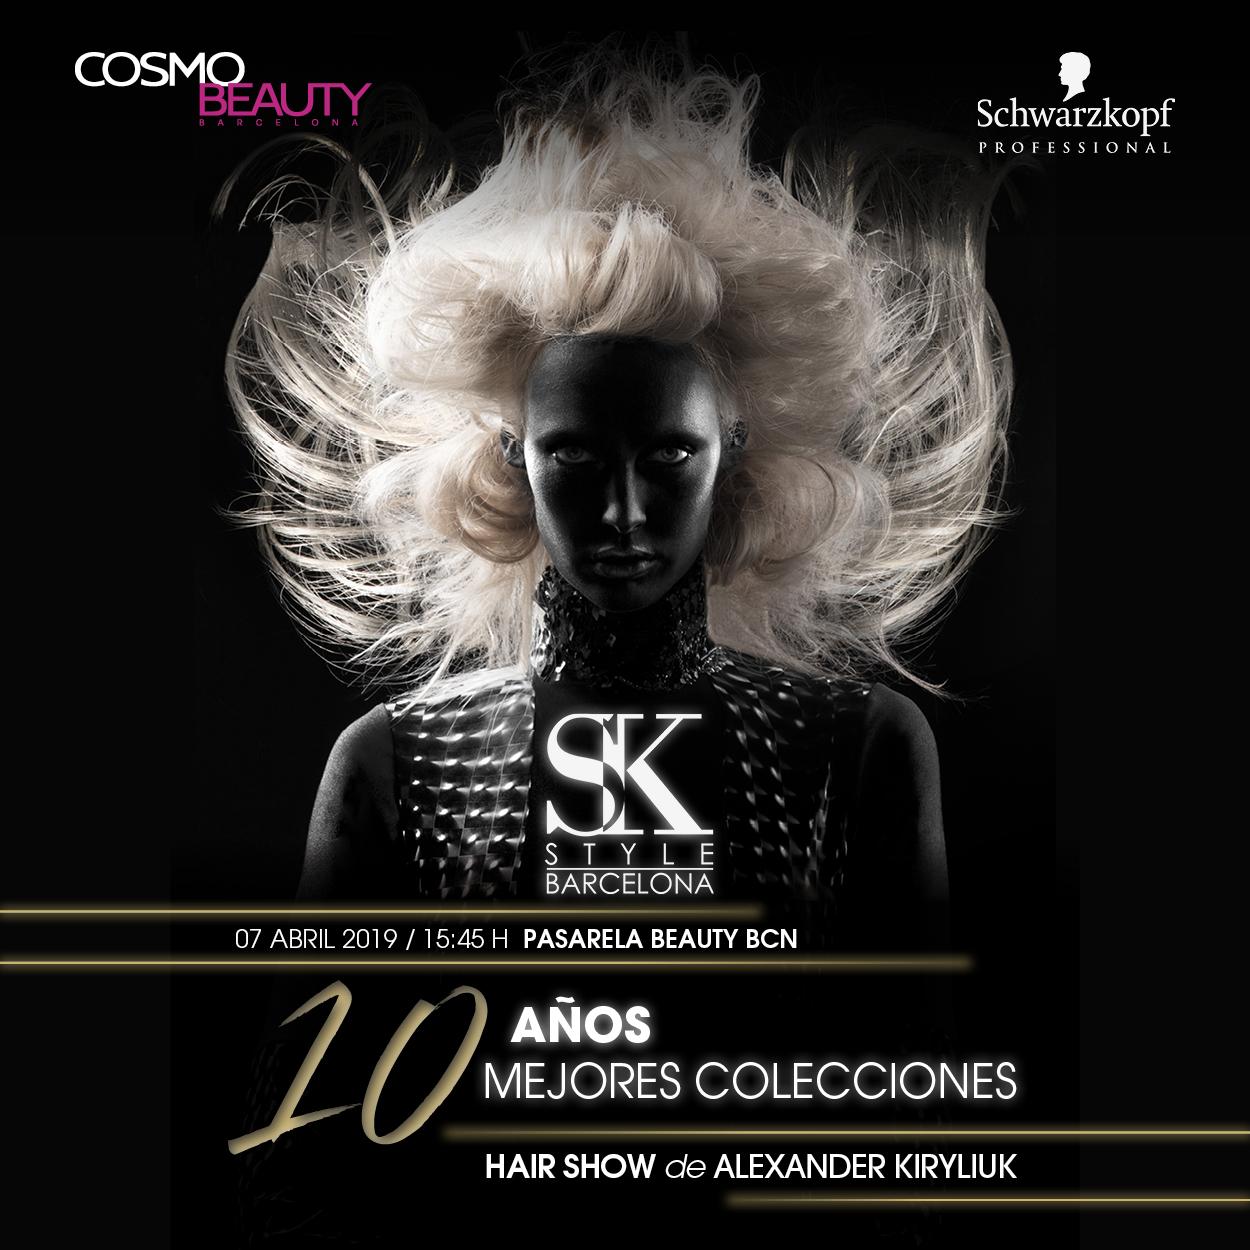 Салон красоты SK STYLE BARCELONA отпразднует свое 10-летие грандиозным шоу на выставке Cosmobeauty